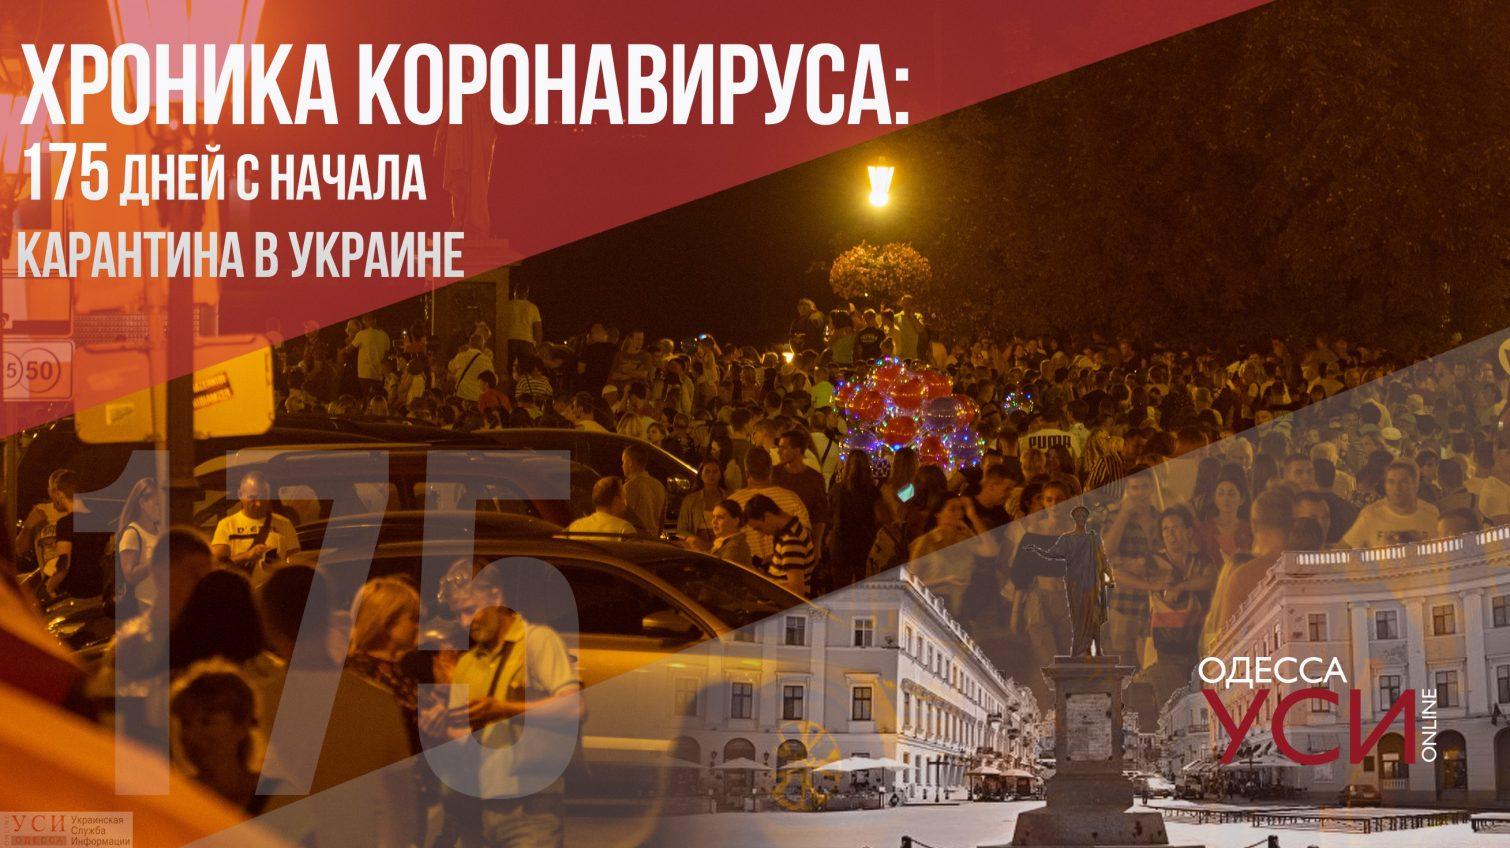 Хроника коронавируса: 175 дней с начала карантина в Украине «фото»